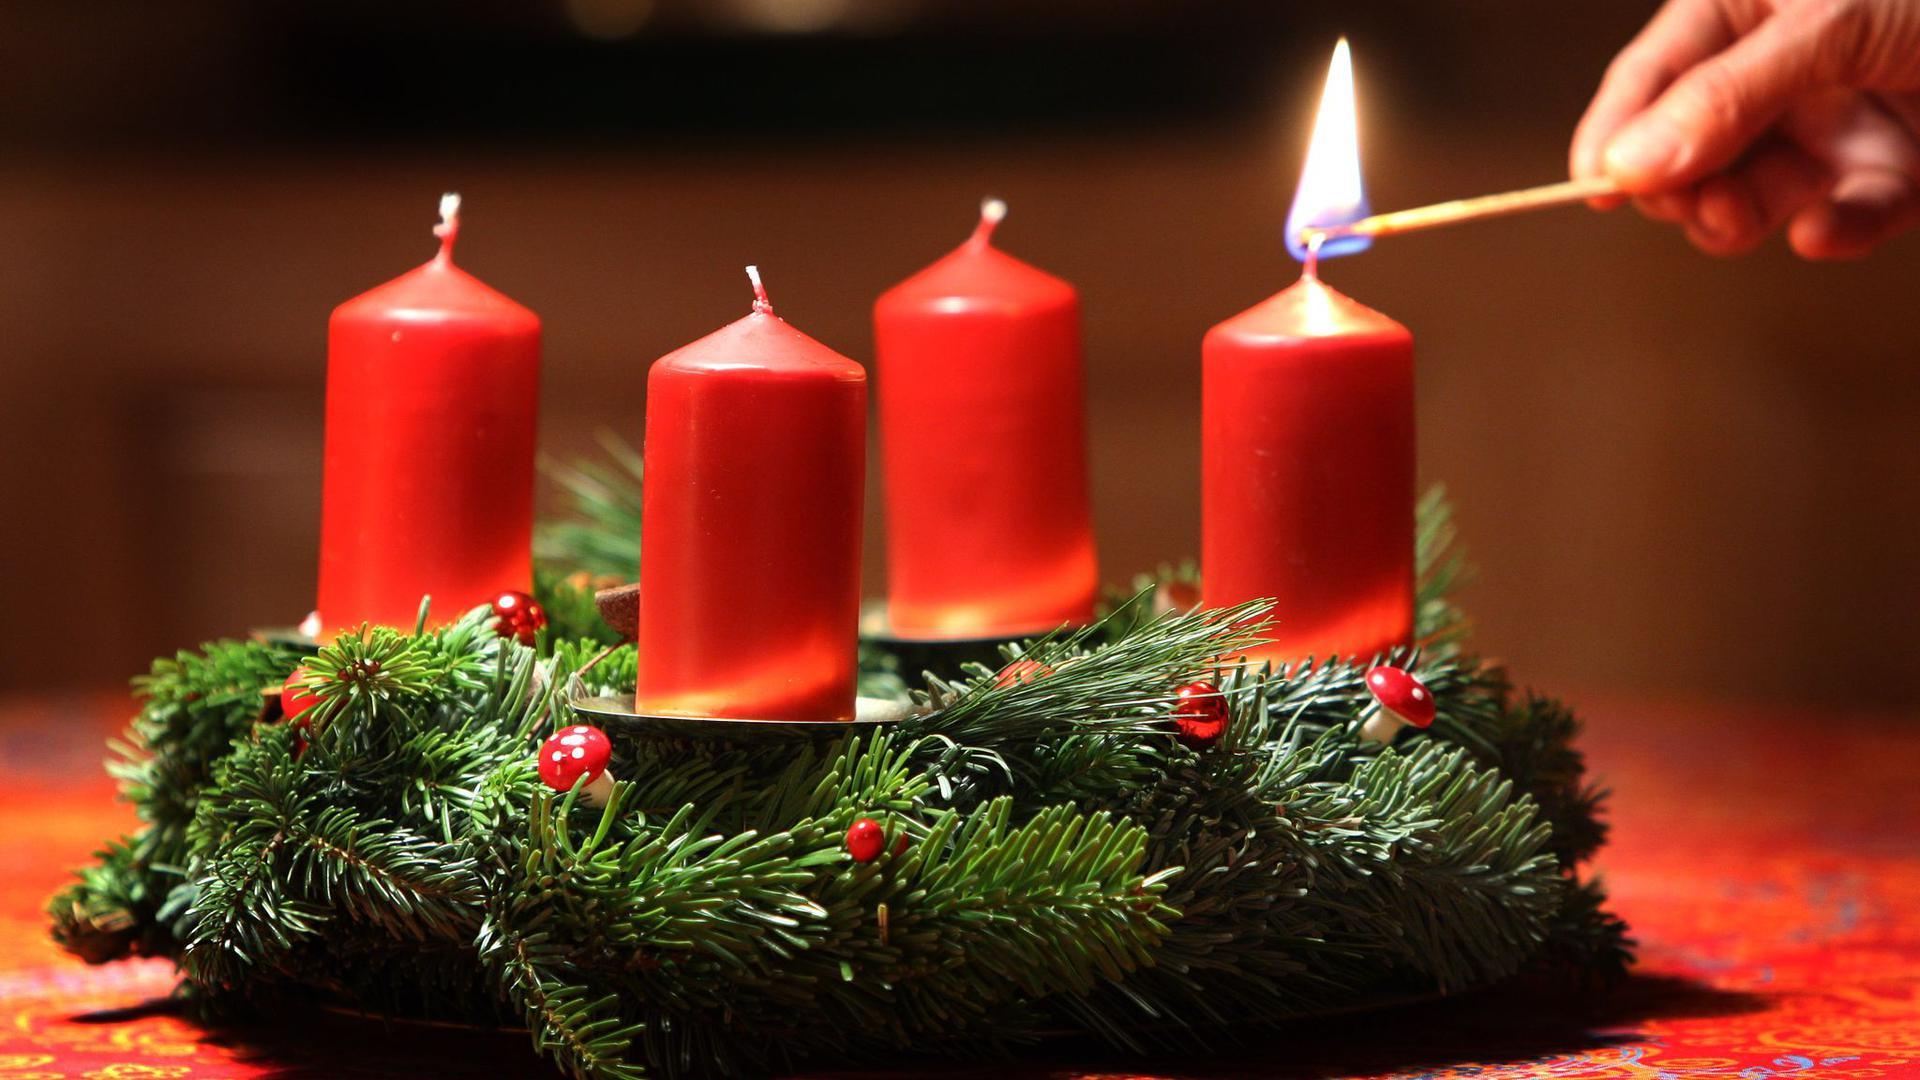 In der Advents- und Weihnachtszeit kommt es immer wieder zu Unfällen mit Kerzen, offenem Feuer oder Wunderkerzen, bei denen sich Kinder verletzen.